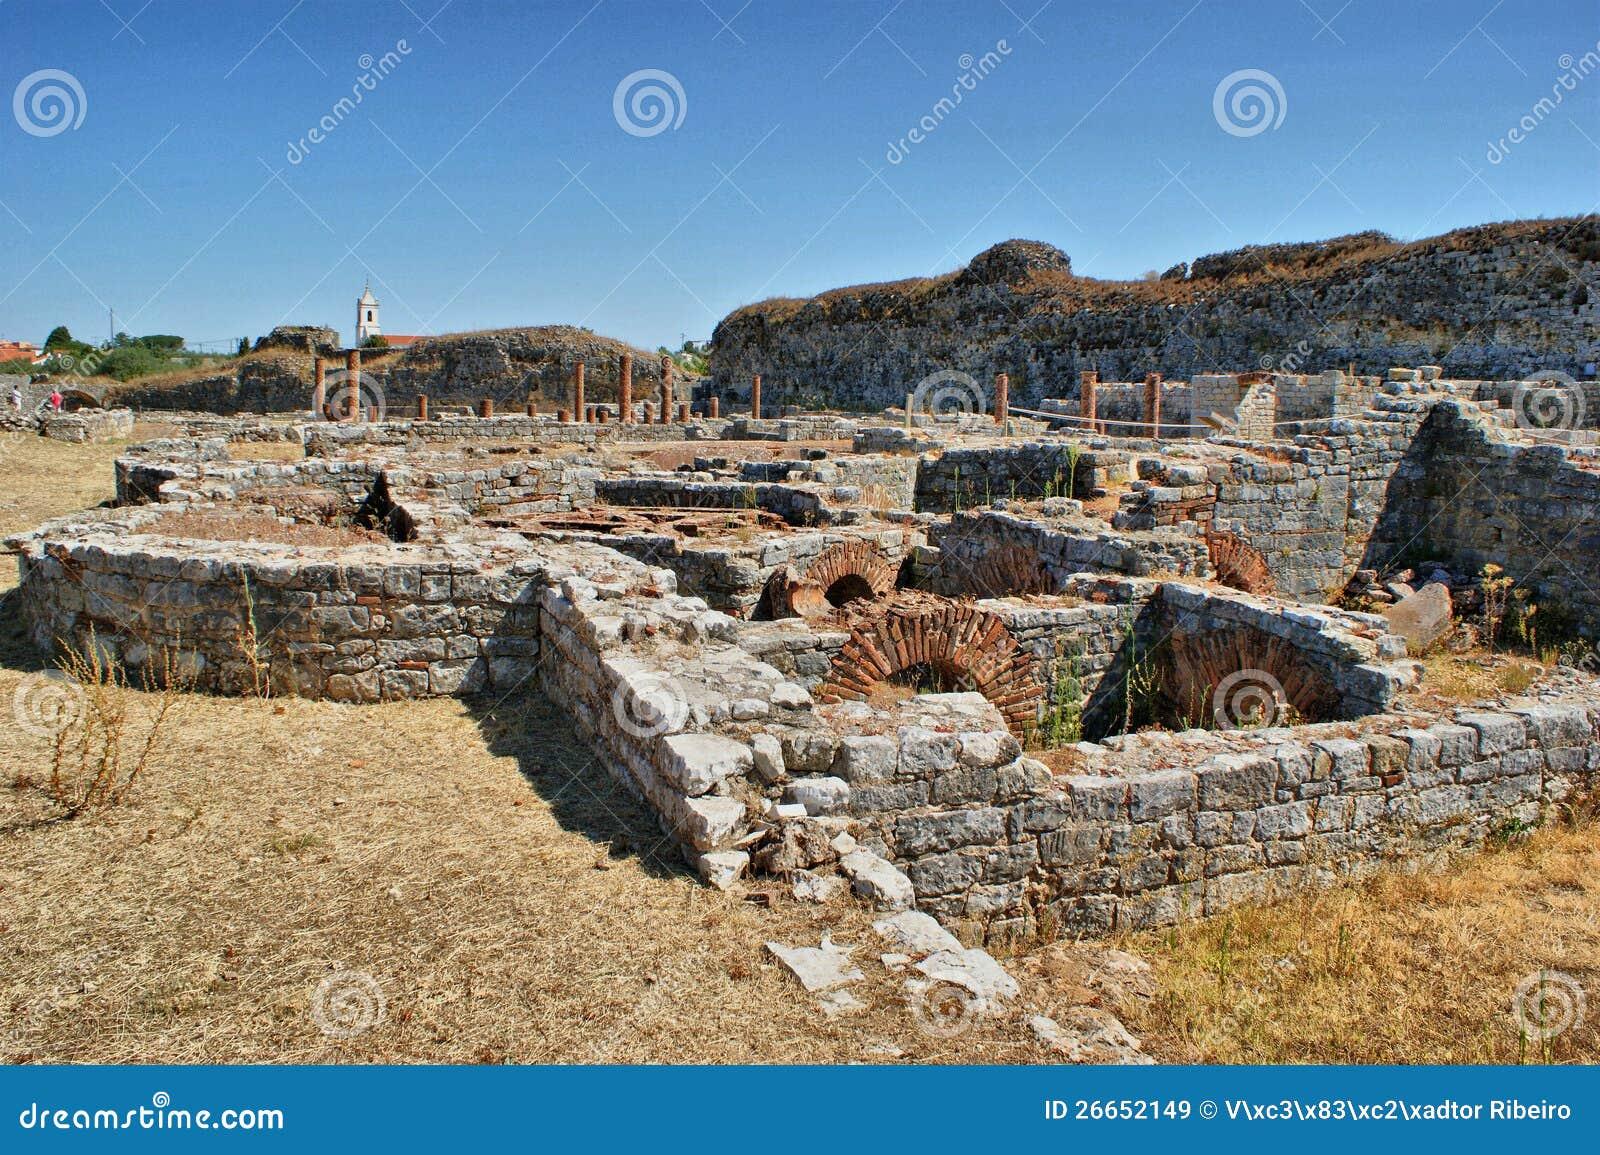 Roman baths ruins of Conimbriga